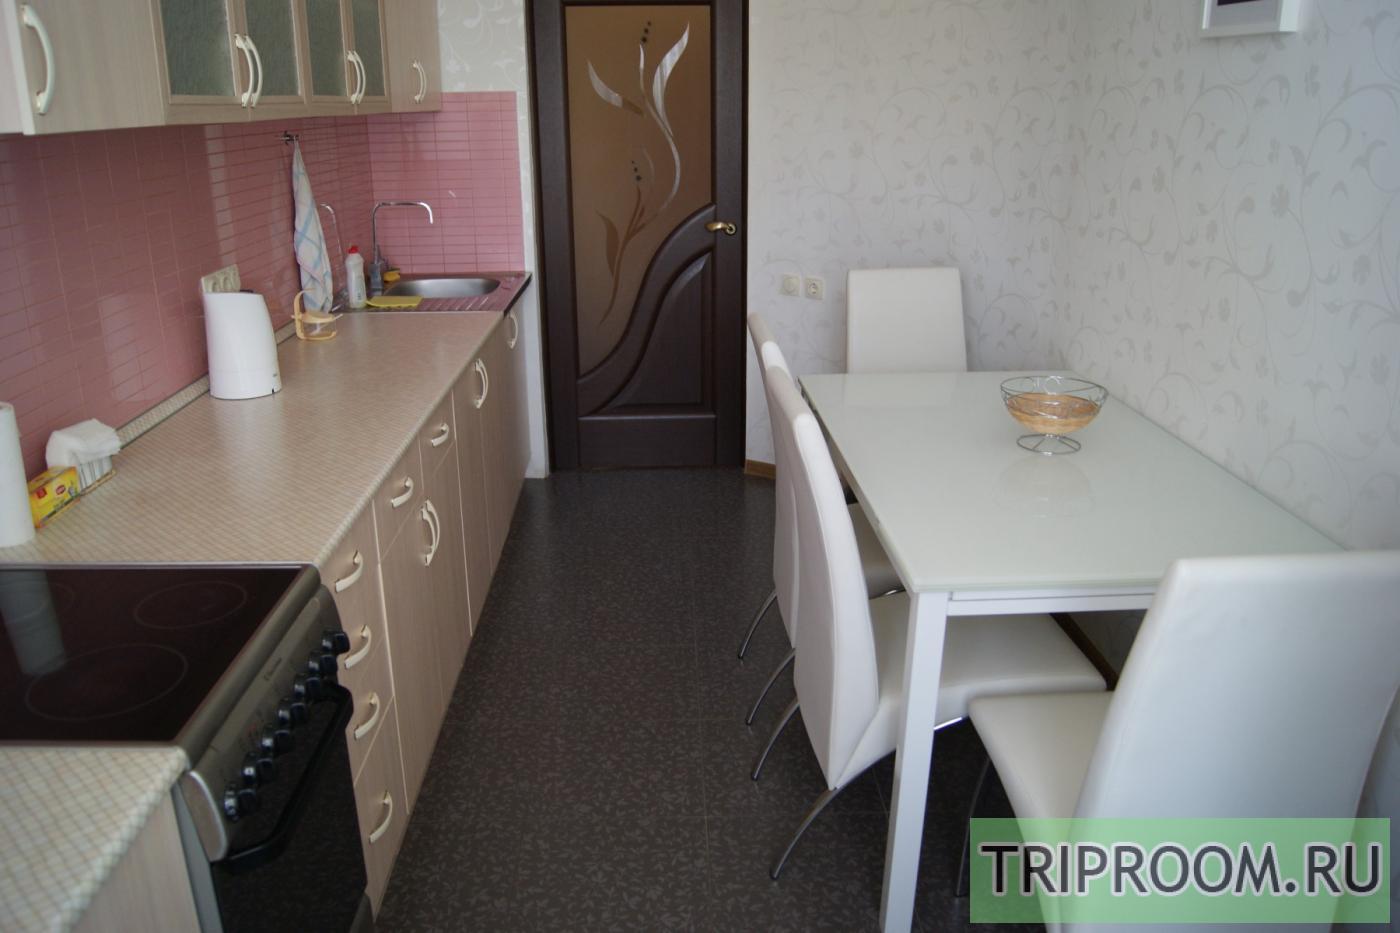 1-комнатная квартира посуточно (вариант № 22116), ул. Красноармейская улица, фото № 12